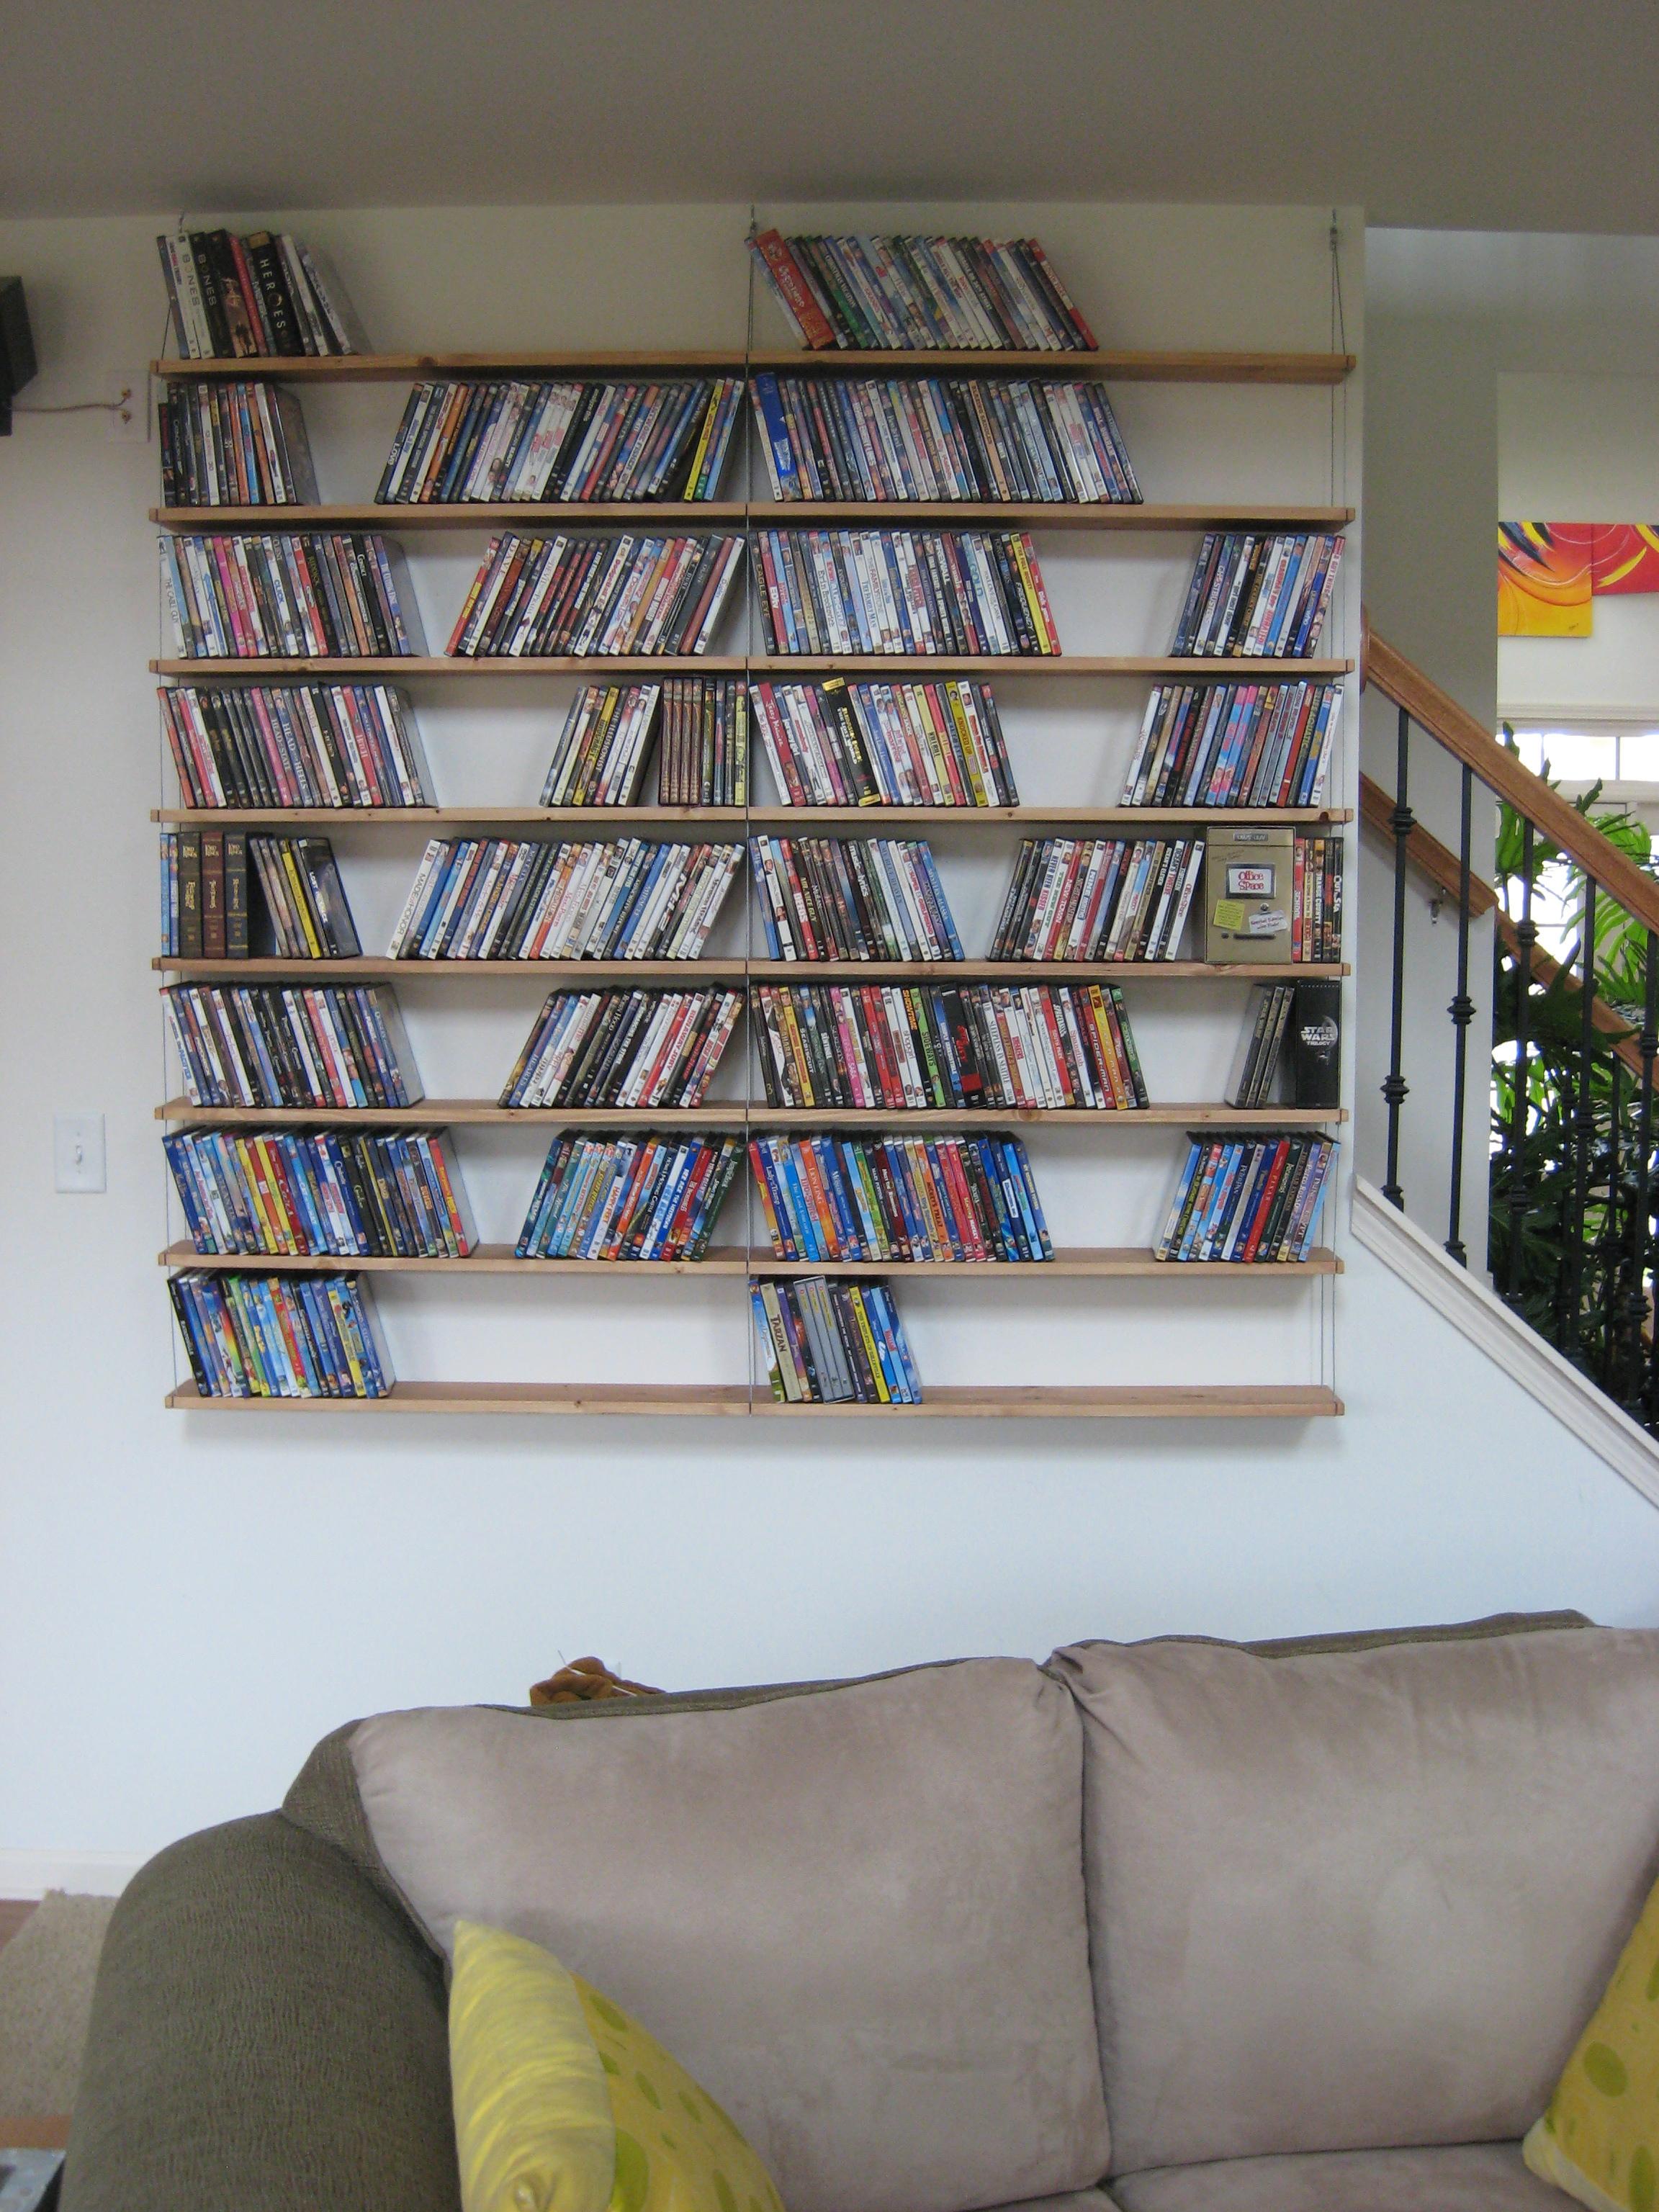 Industrial looking hanging media shelves